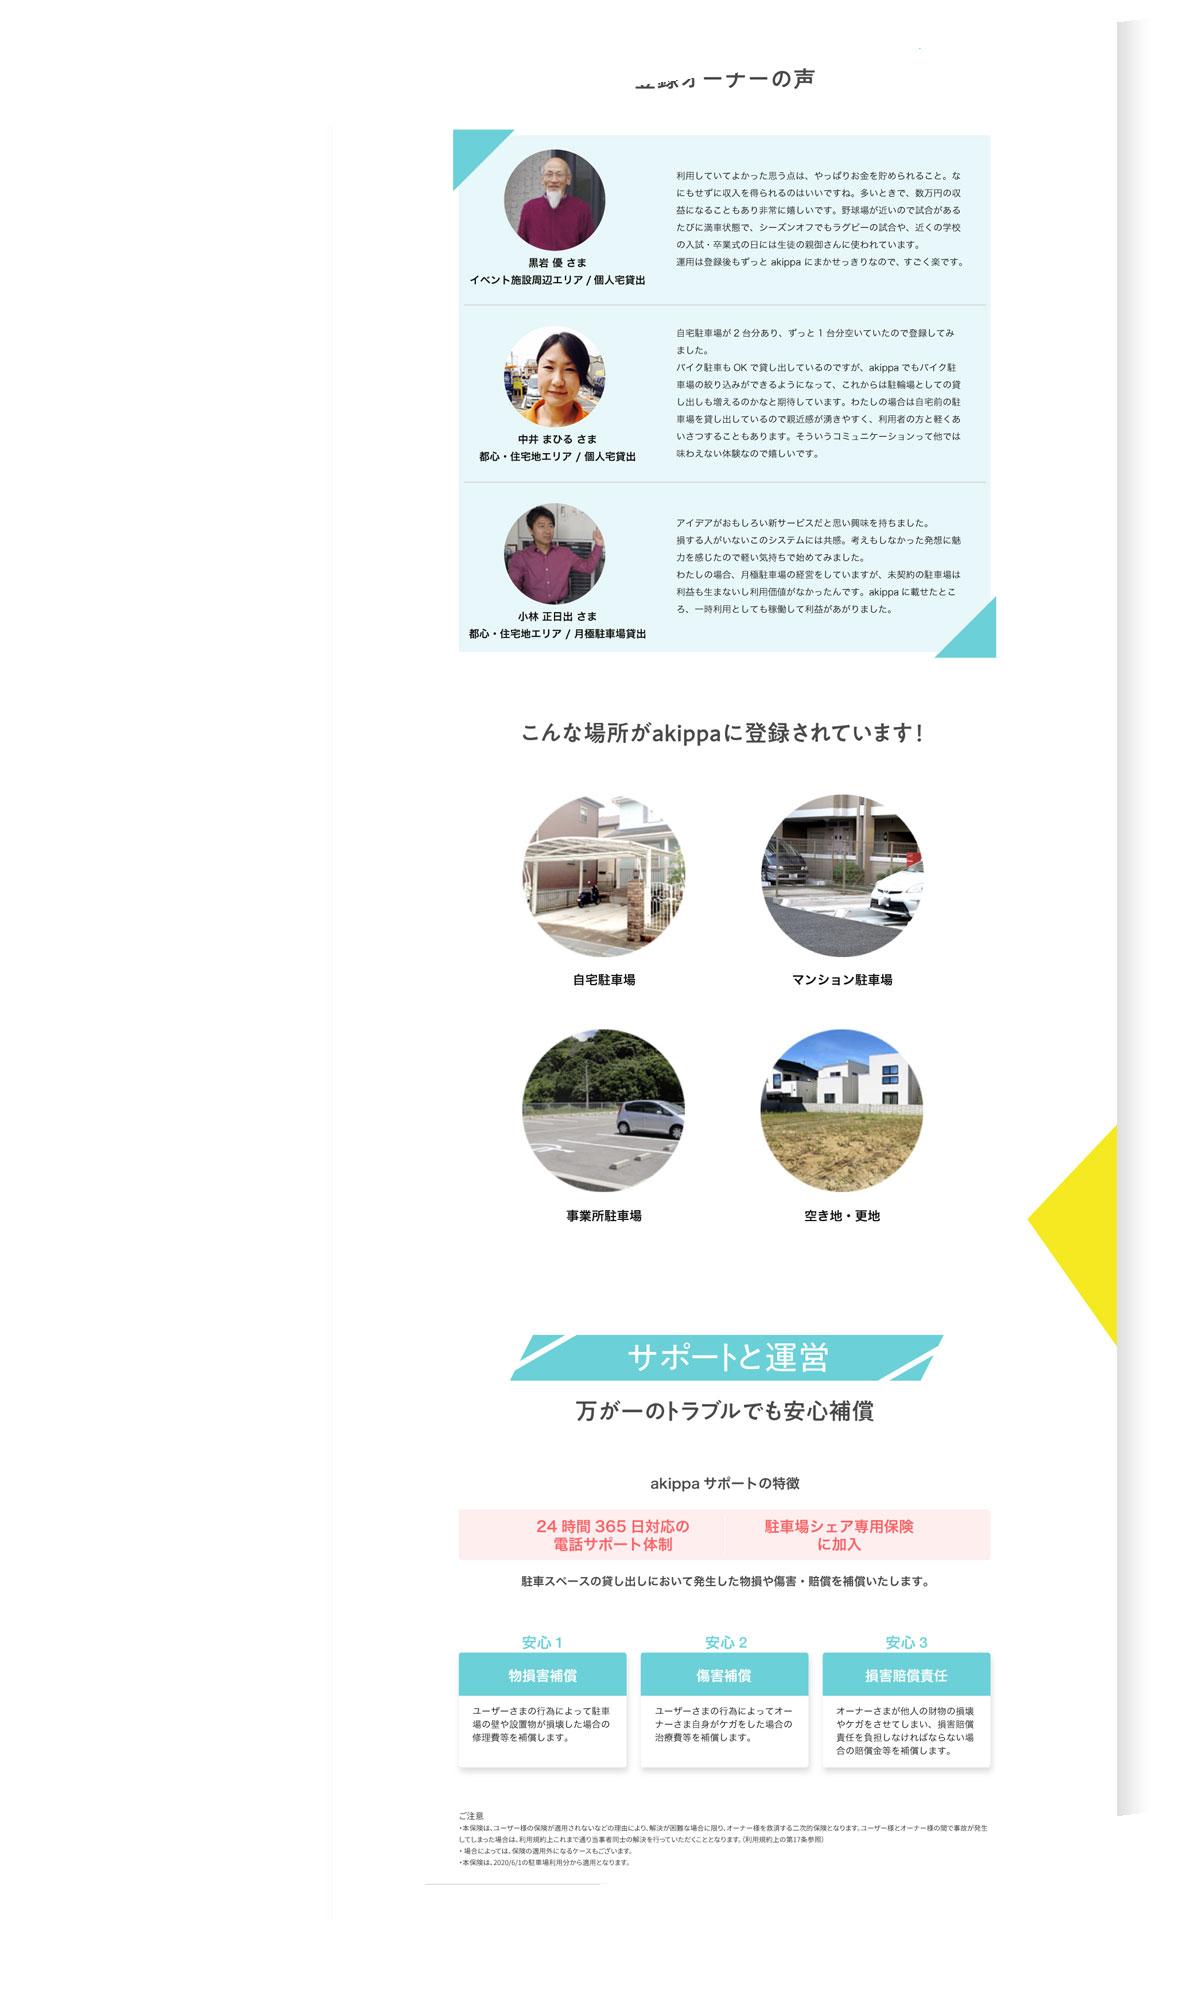 ランディングページ制作。駐車場シェアサービス「akippa」様